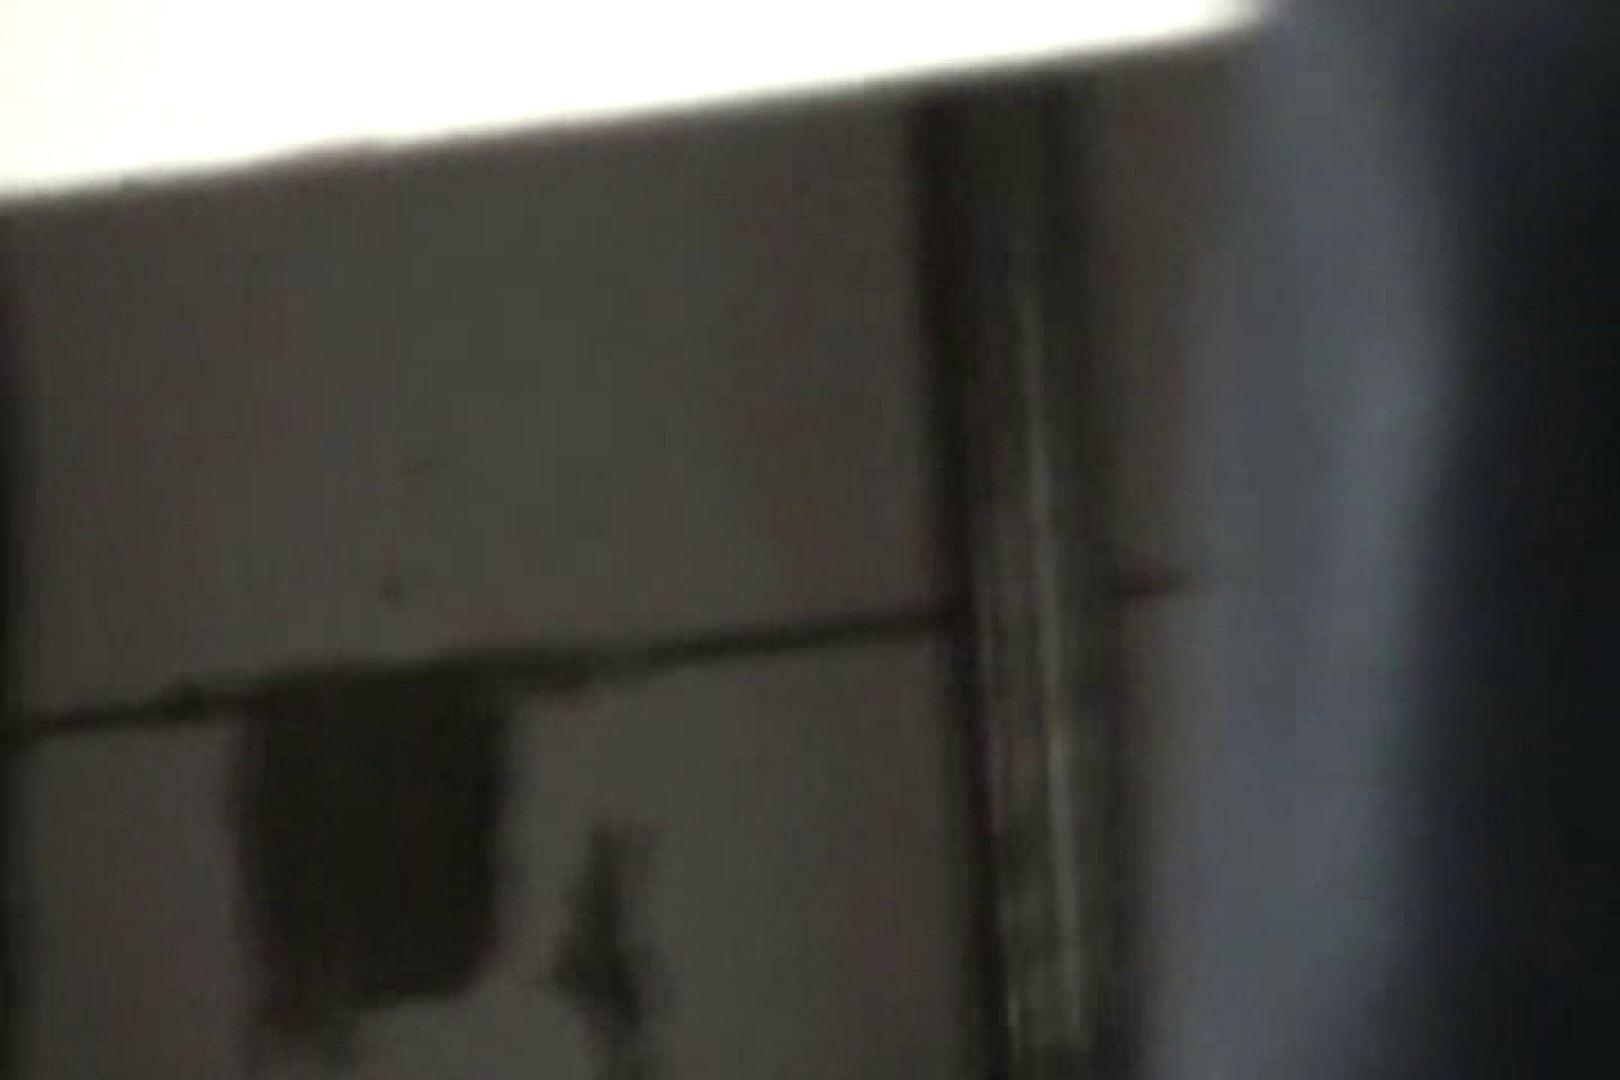 ぼっとん洗面所スペシャルVol.7 洗面所 | OLの実態  81pic 3